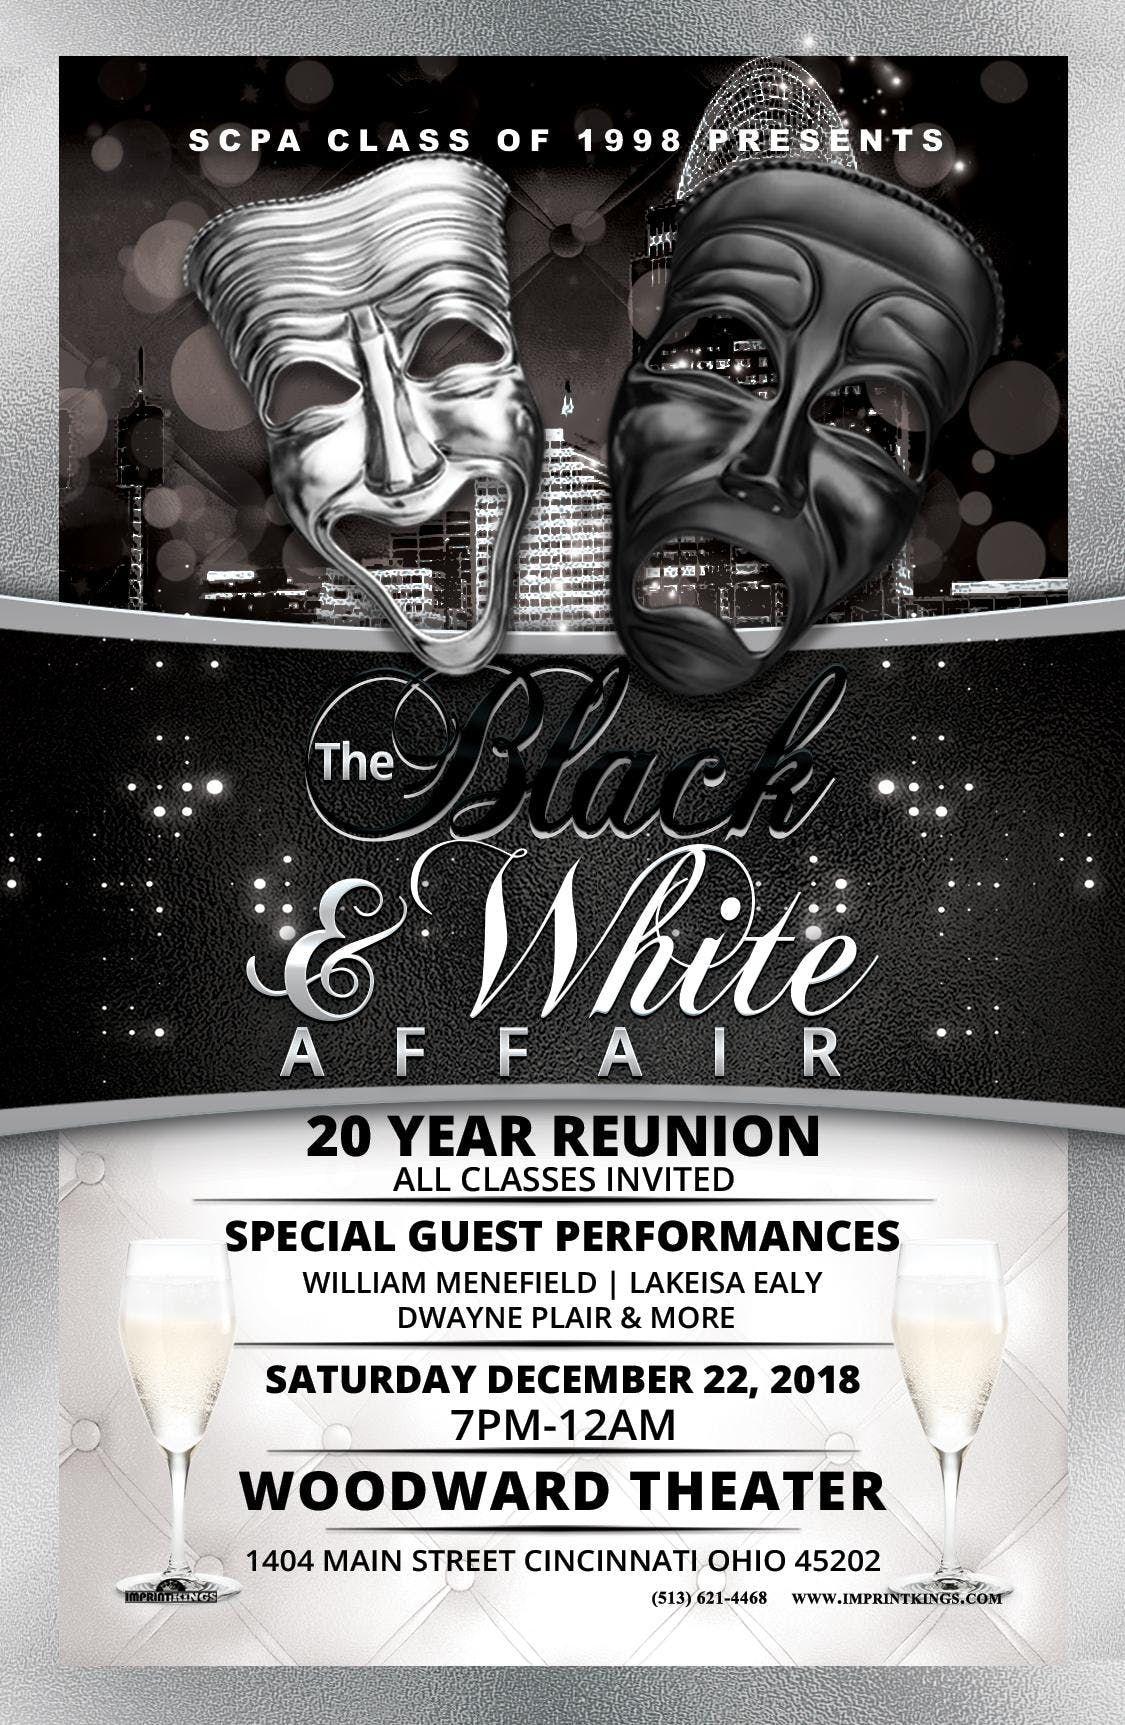 The Black & White Affair